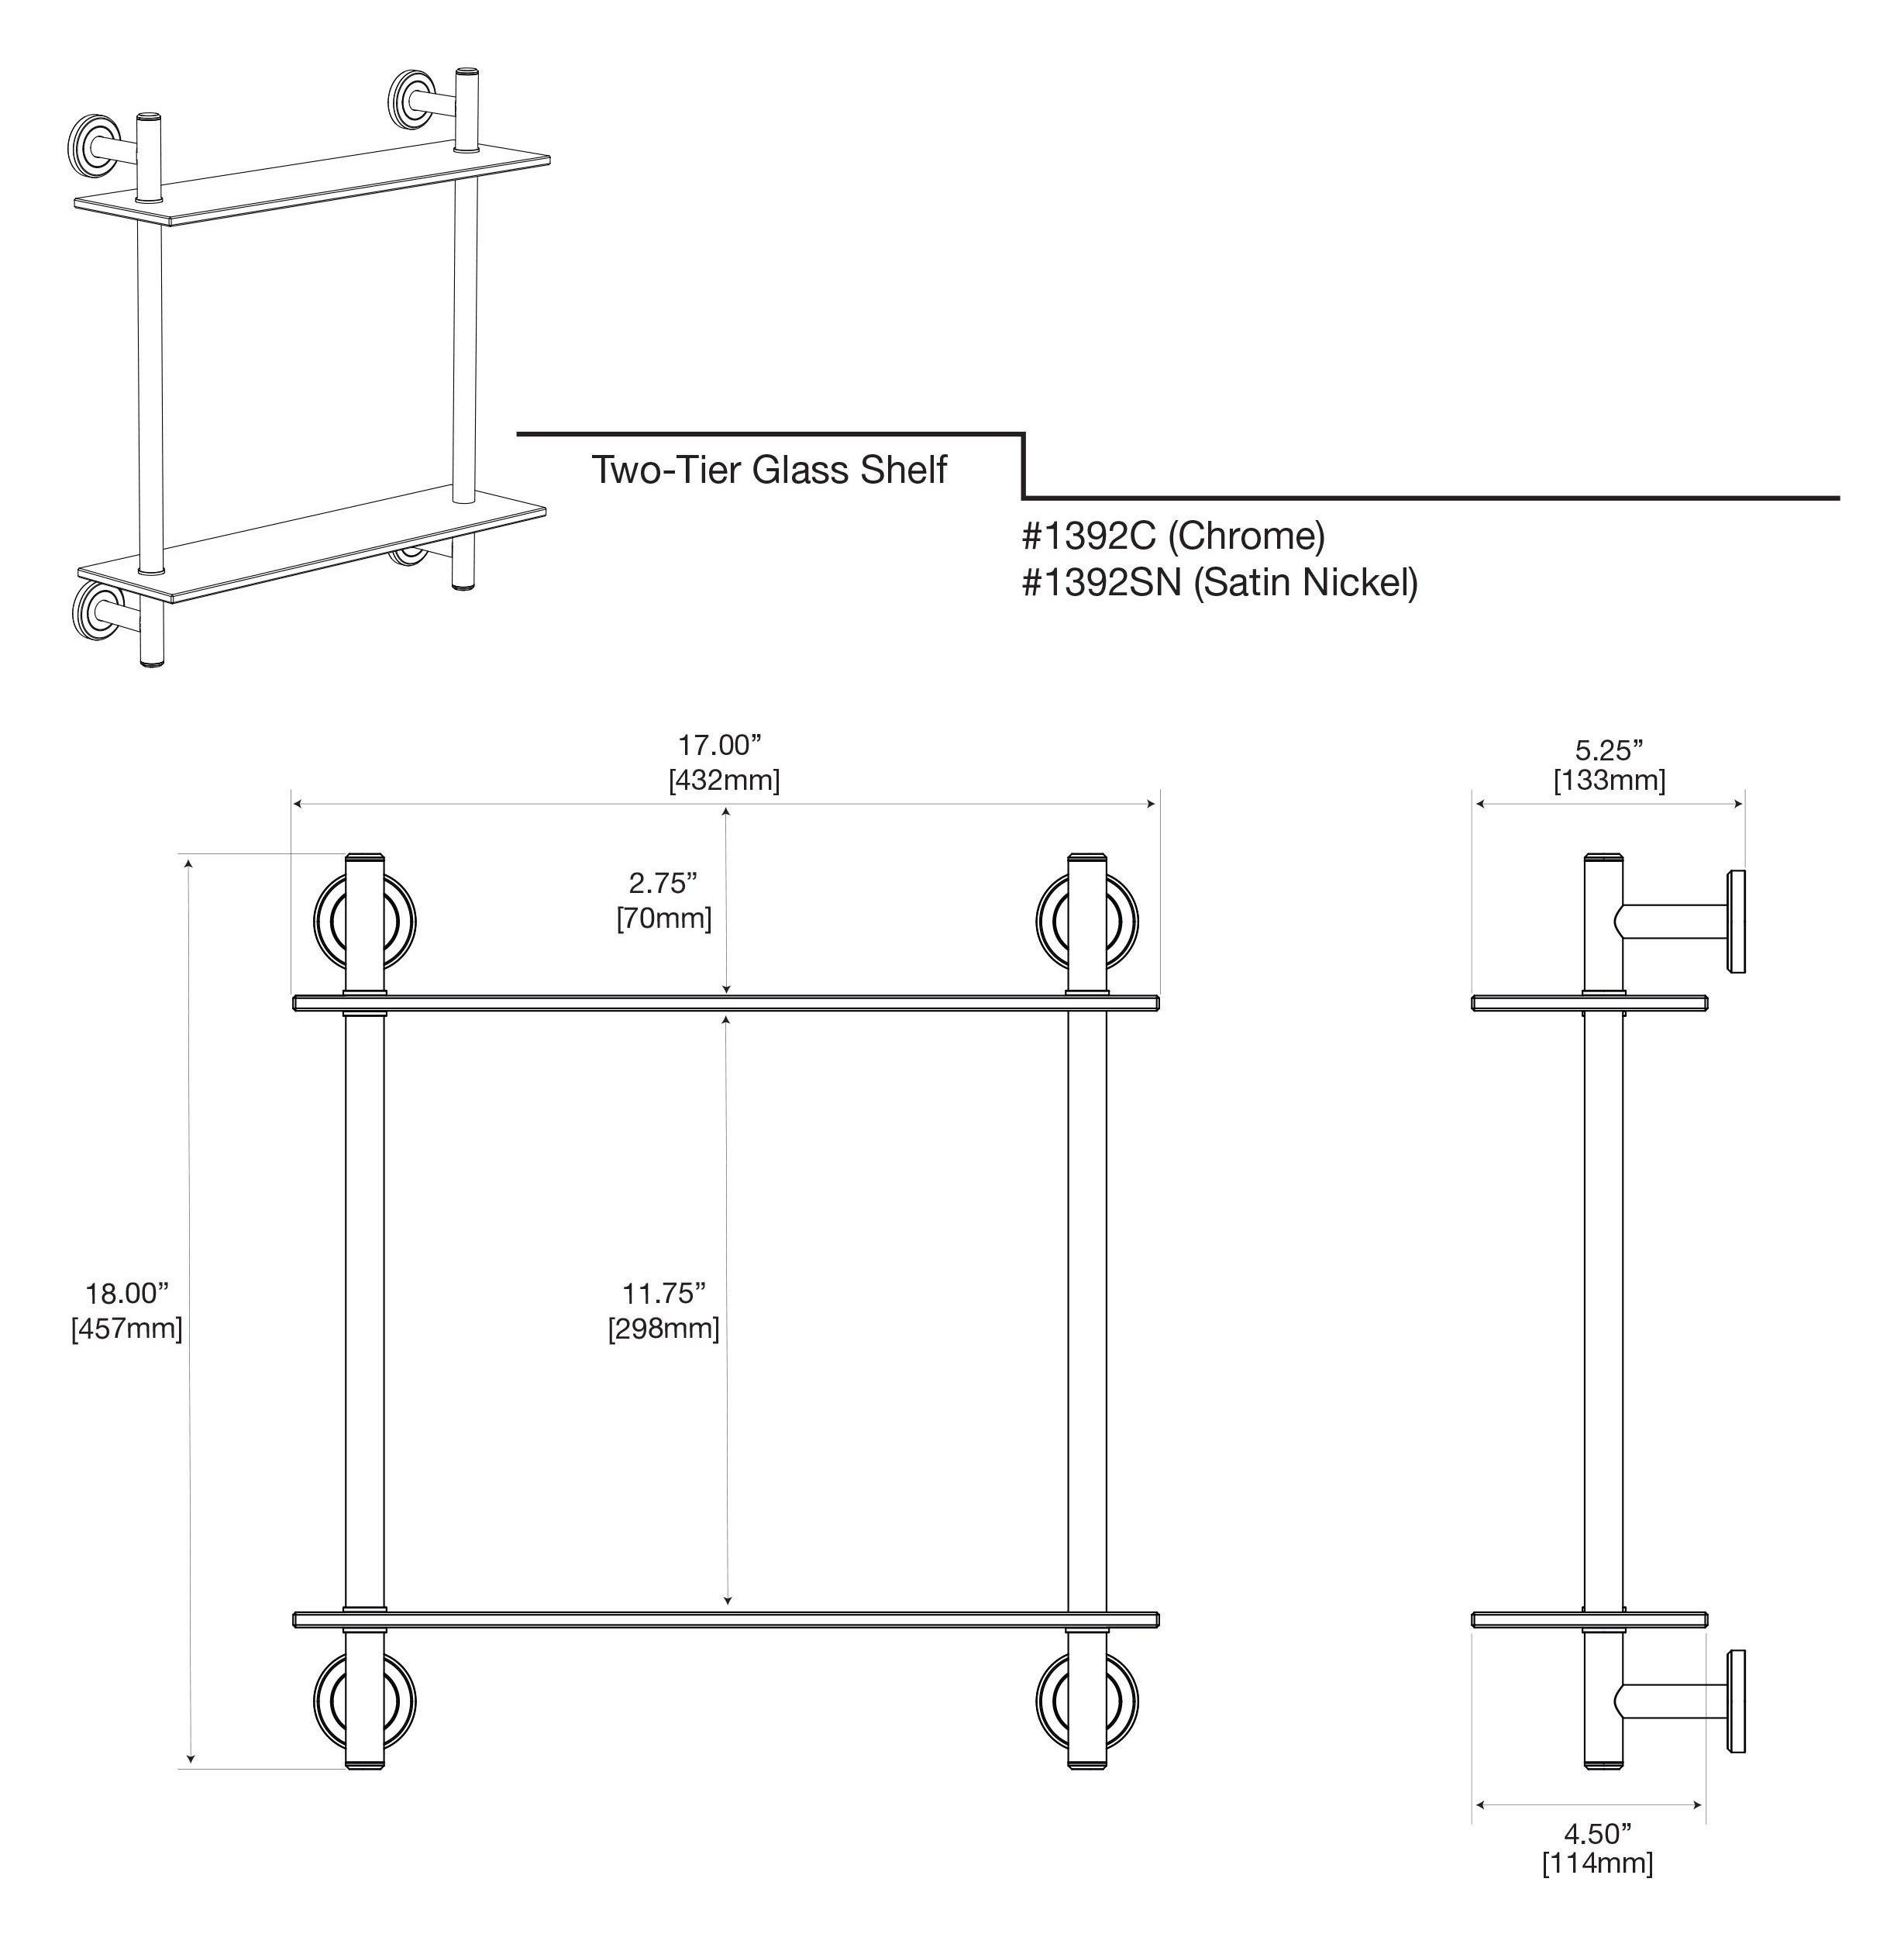 Gatco 1392SN Latitude II 17'' L Two-Tier Glass Shelf, Satin Nickel by Gatco (Image #5)